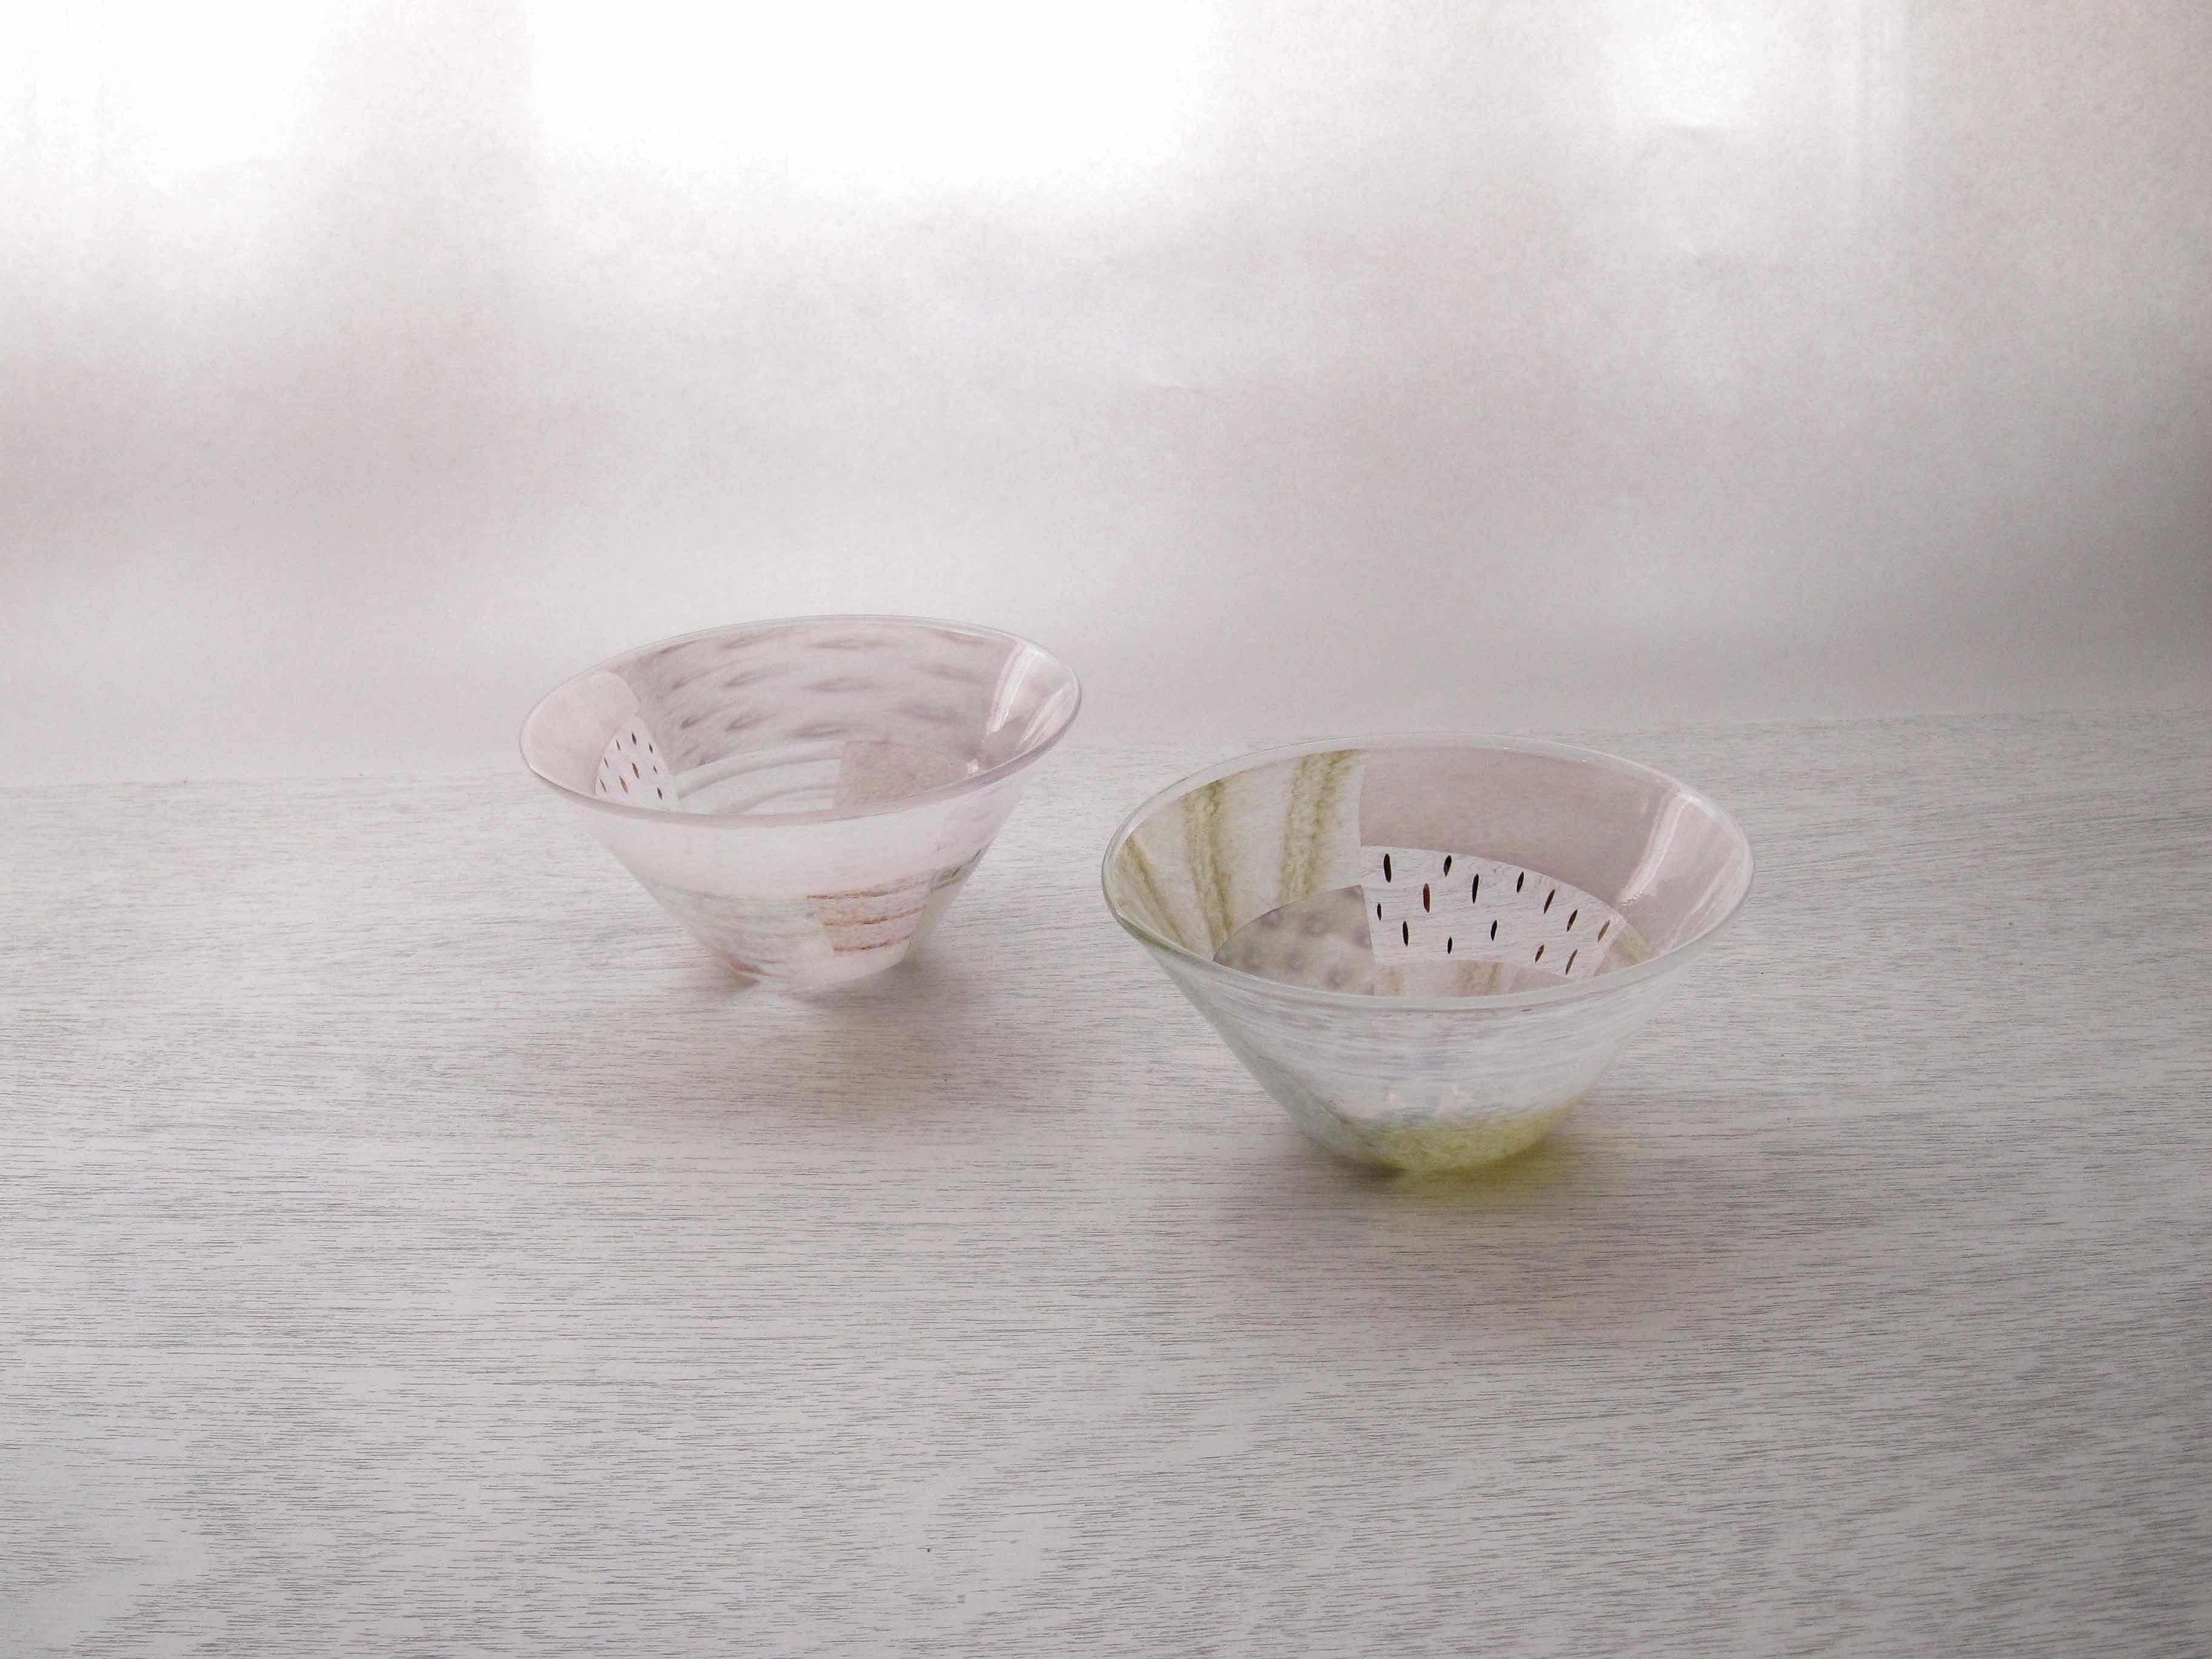 雫展出品作品 吉村桂子さんの美しき五月雨シリーズ_b0353974_13135065.jpg